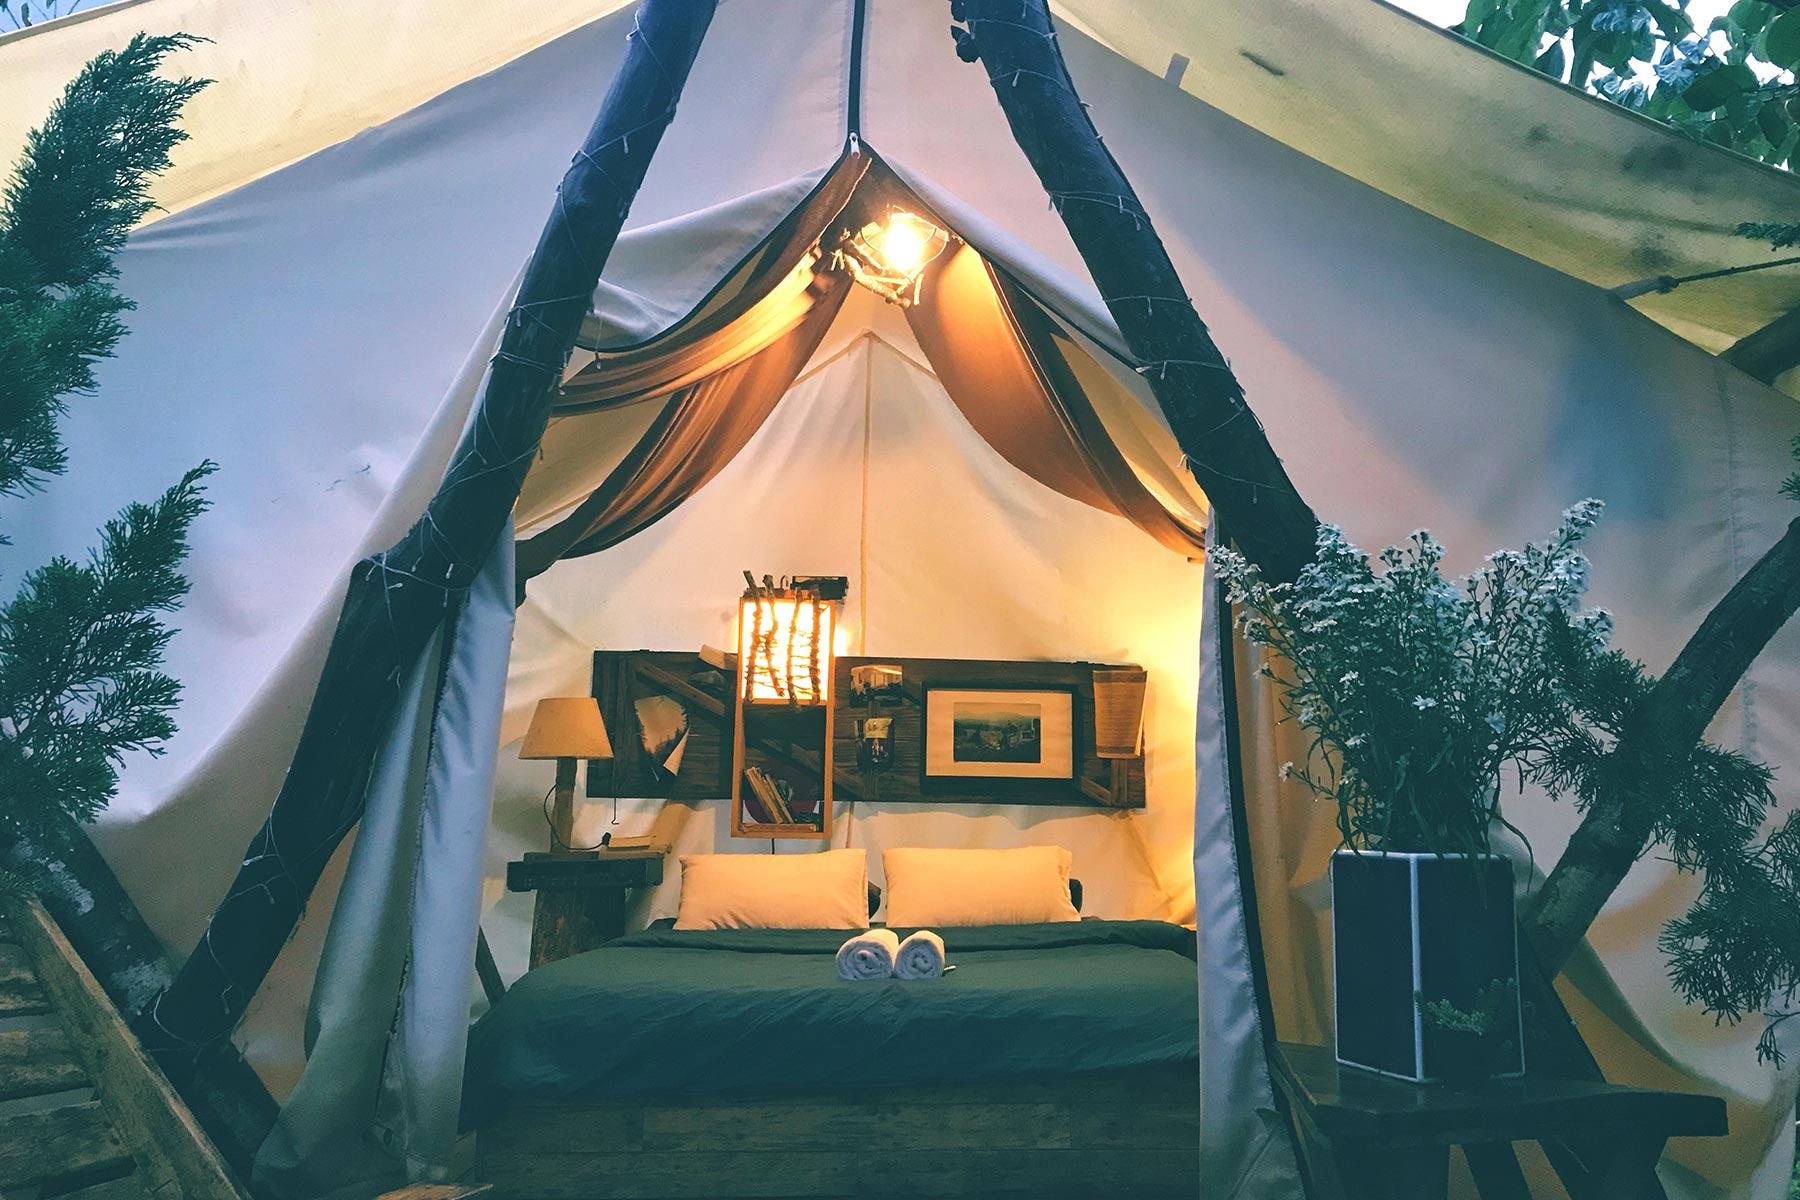 Glamping Camping Tents Tathra South Coast NSW